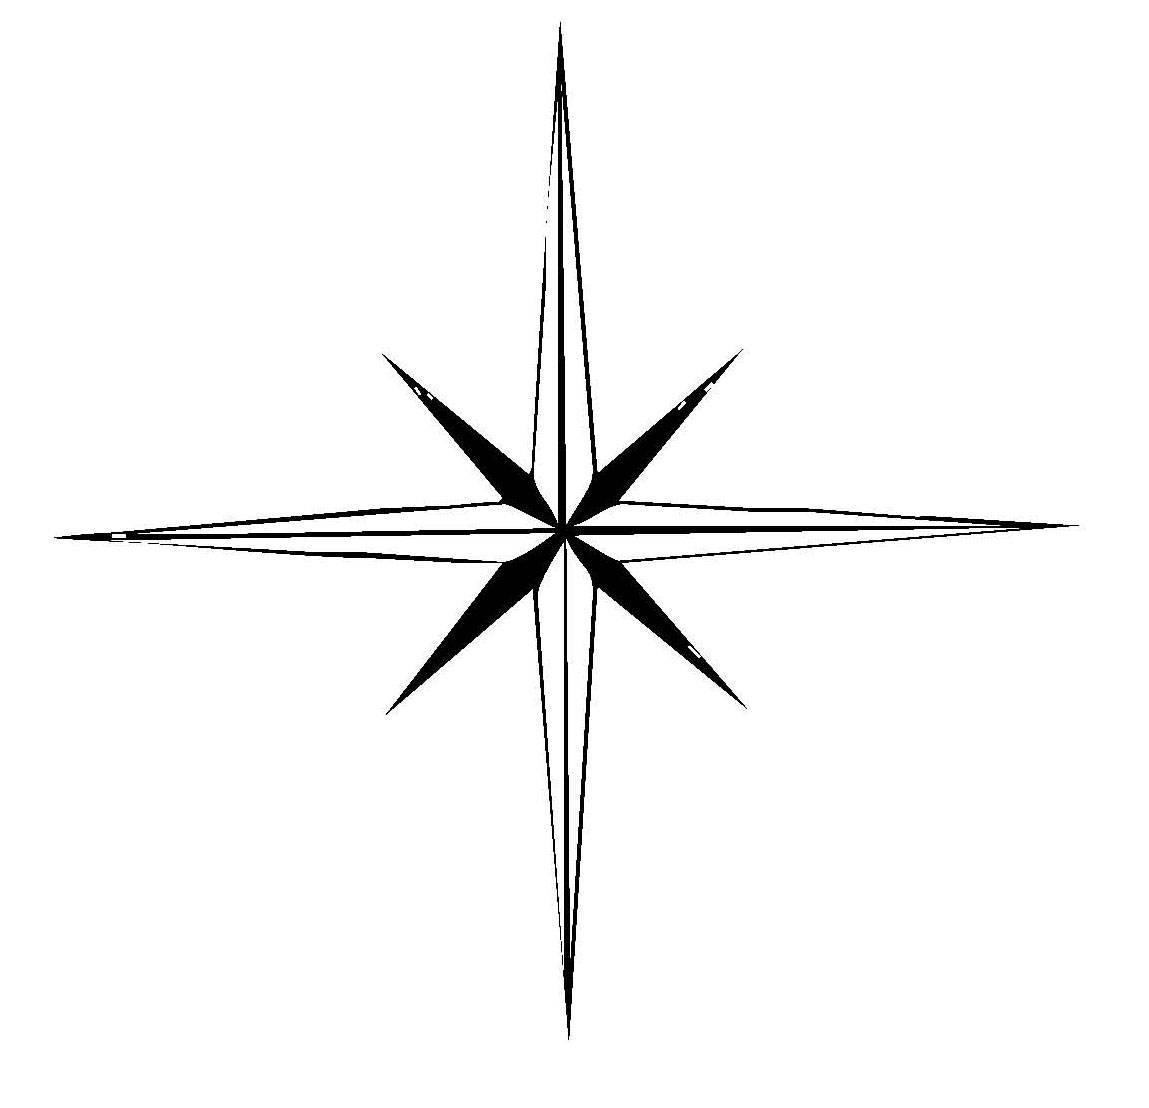 Ausmalbild schneeflocken und sterne stern 5 kostenlos - Ausmalbild stern ...